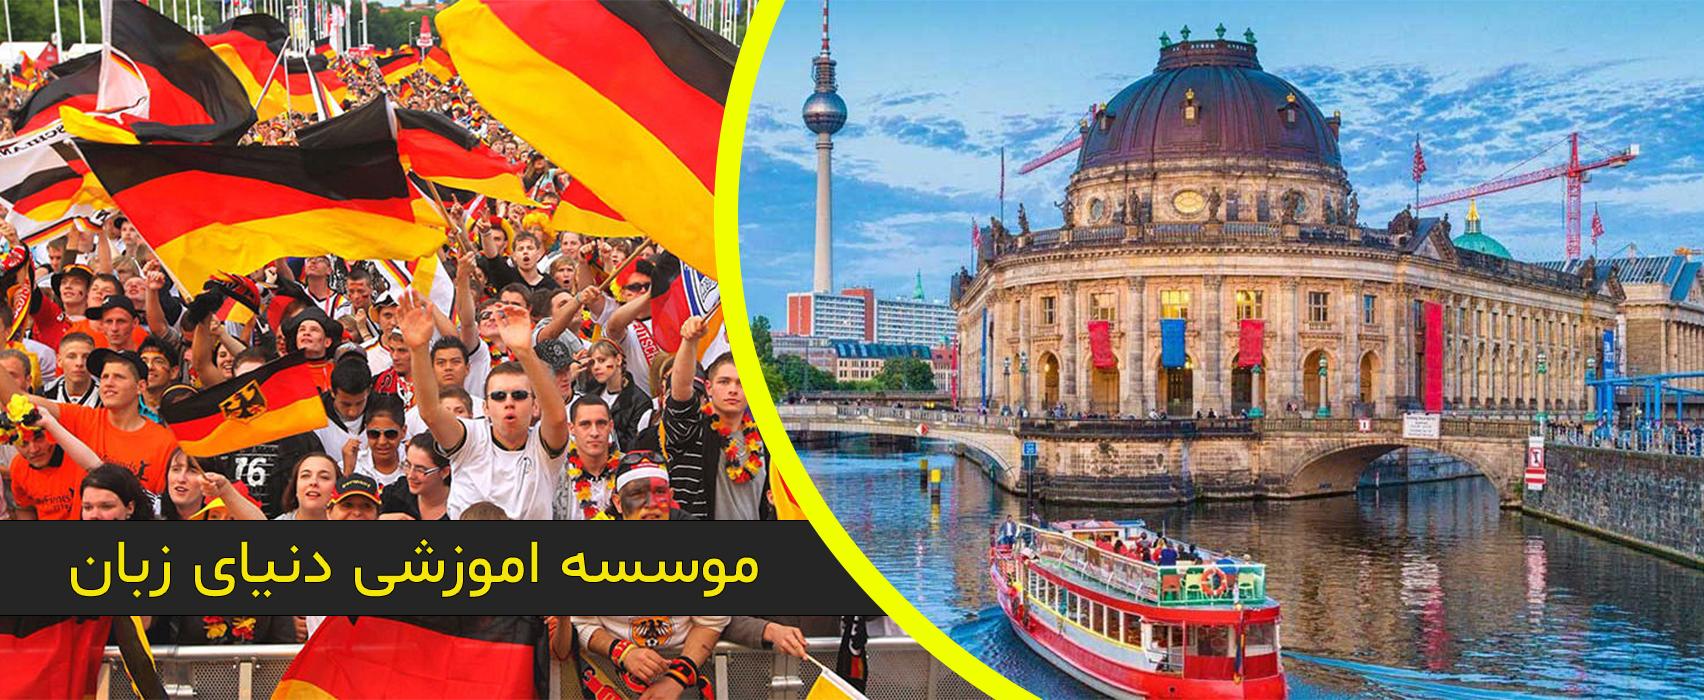 آموزش زبان آلمانی در دروس یا قلهک